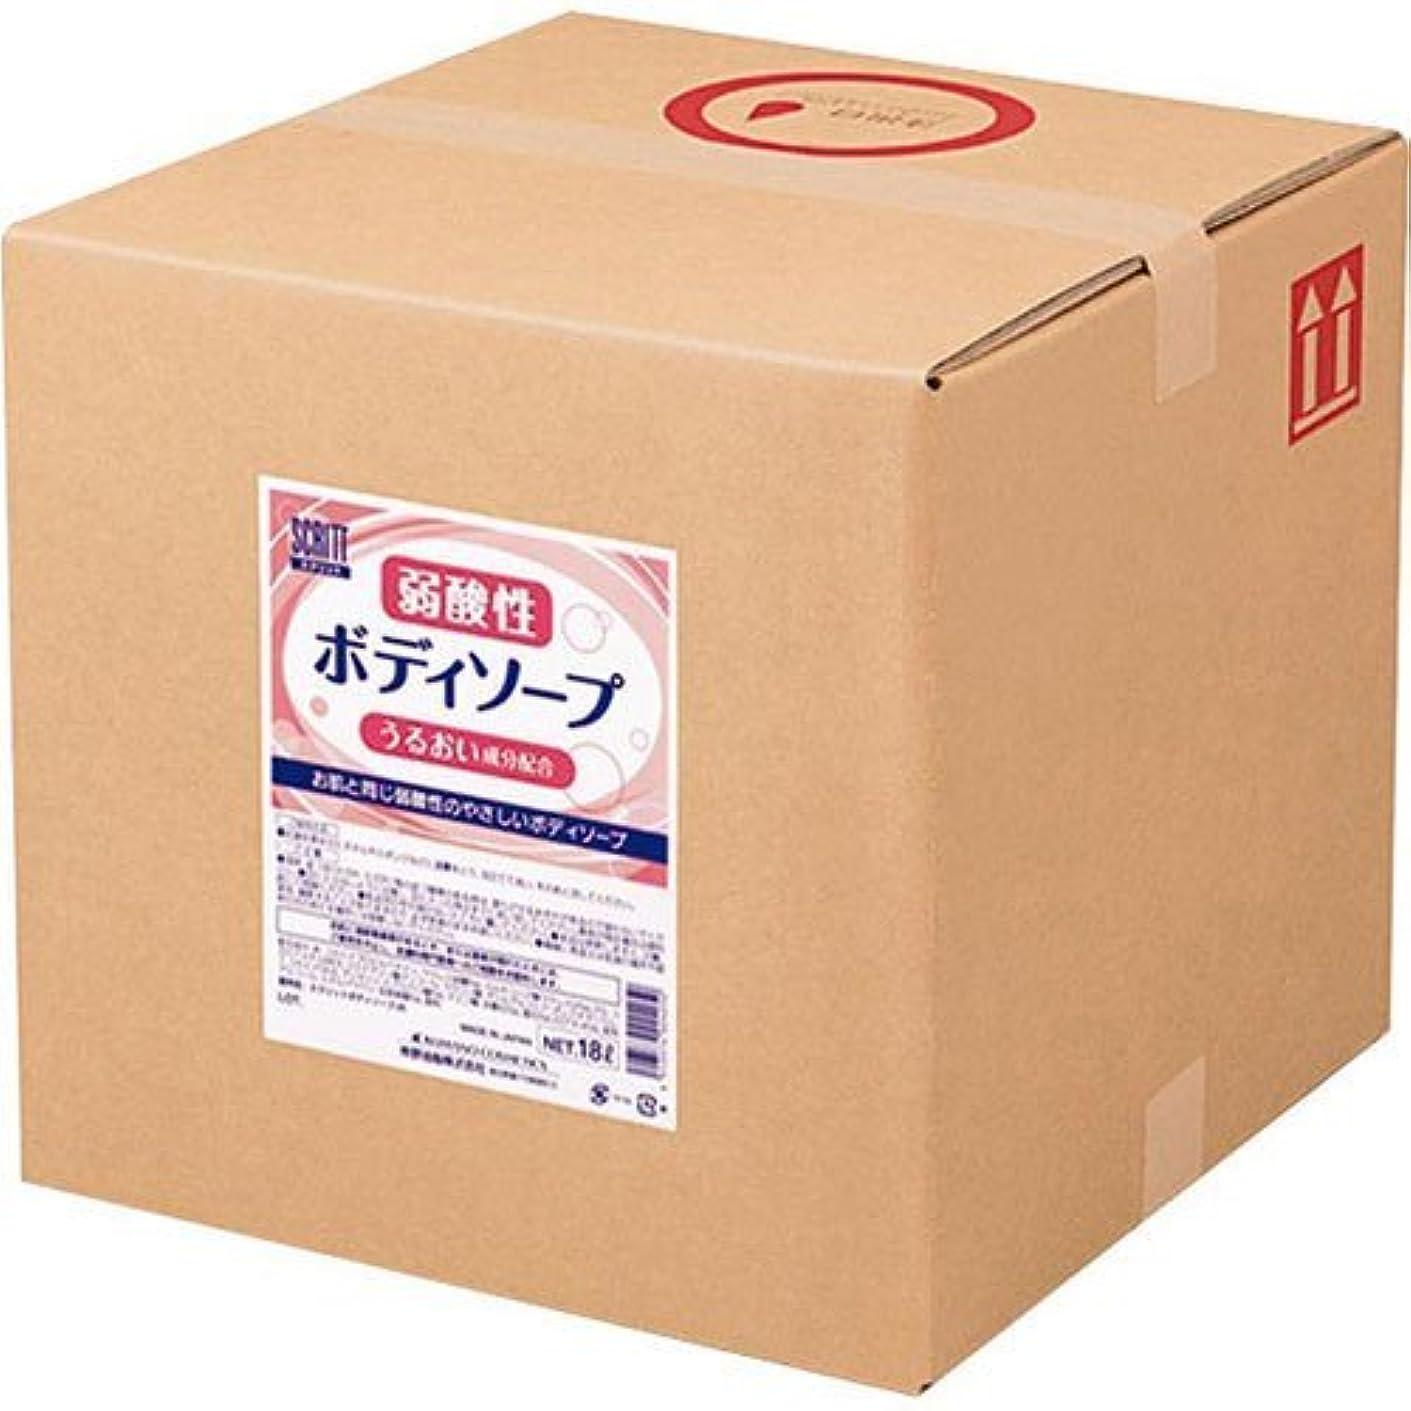 先閲覧する書き込み熊野油脂 業務用 SCRITT(スクリット) 弱酸性ボディソープ 18L